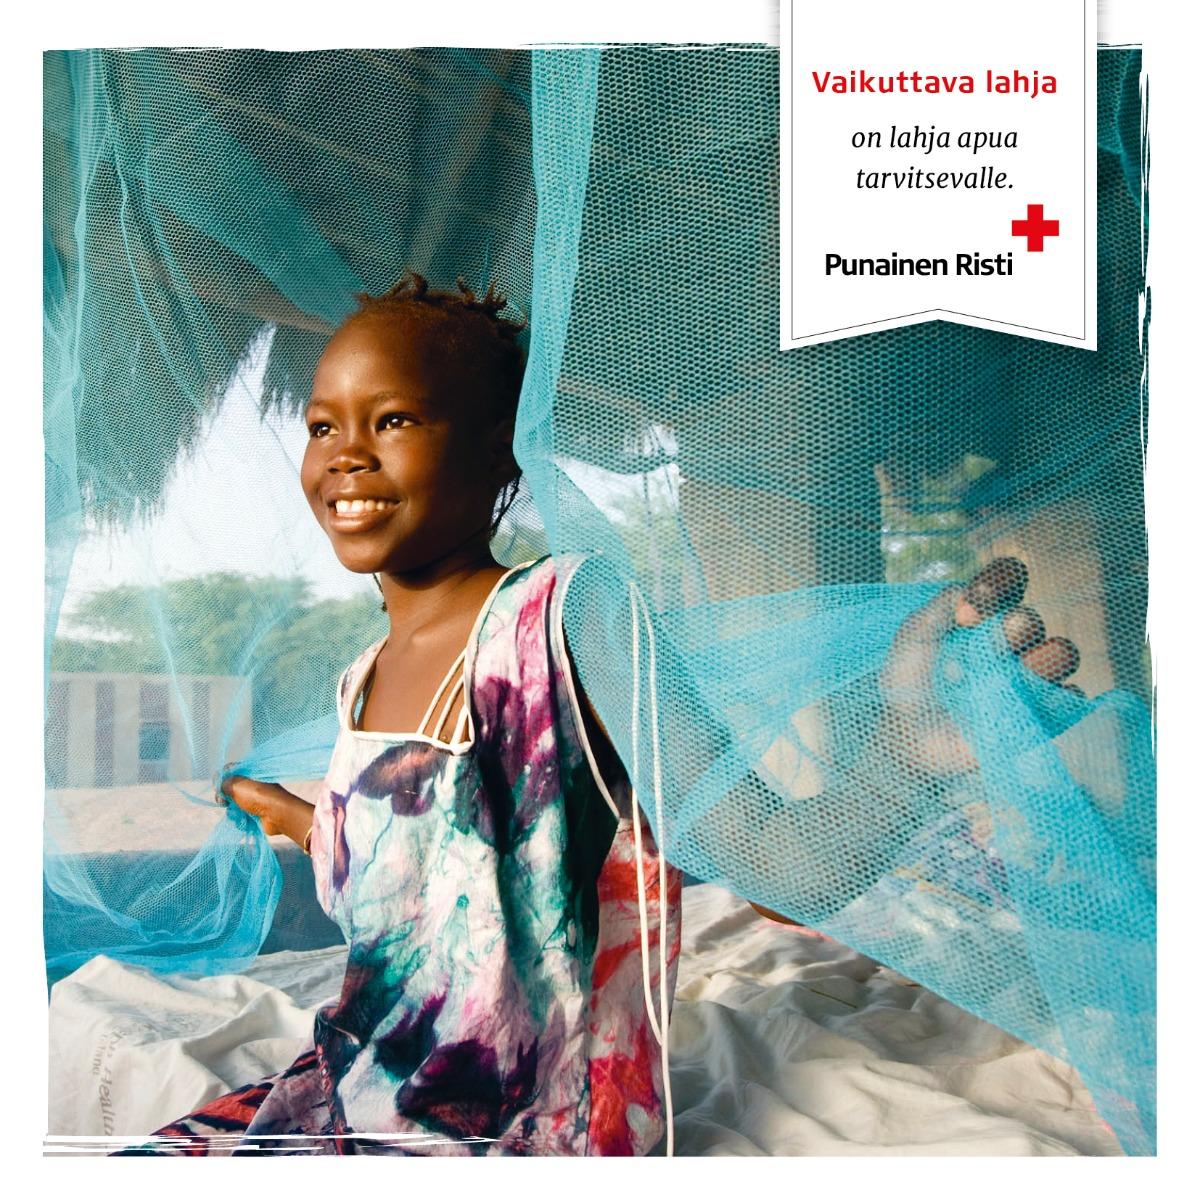 Malariaskydd till en familj FI, 15 €/st